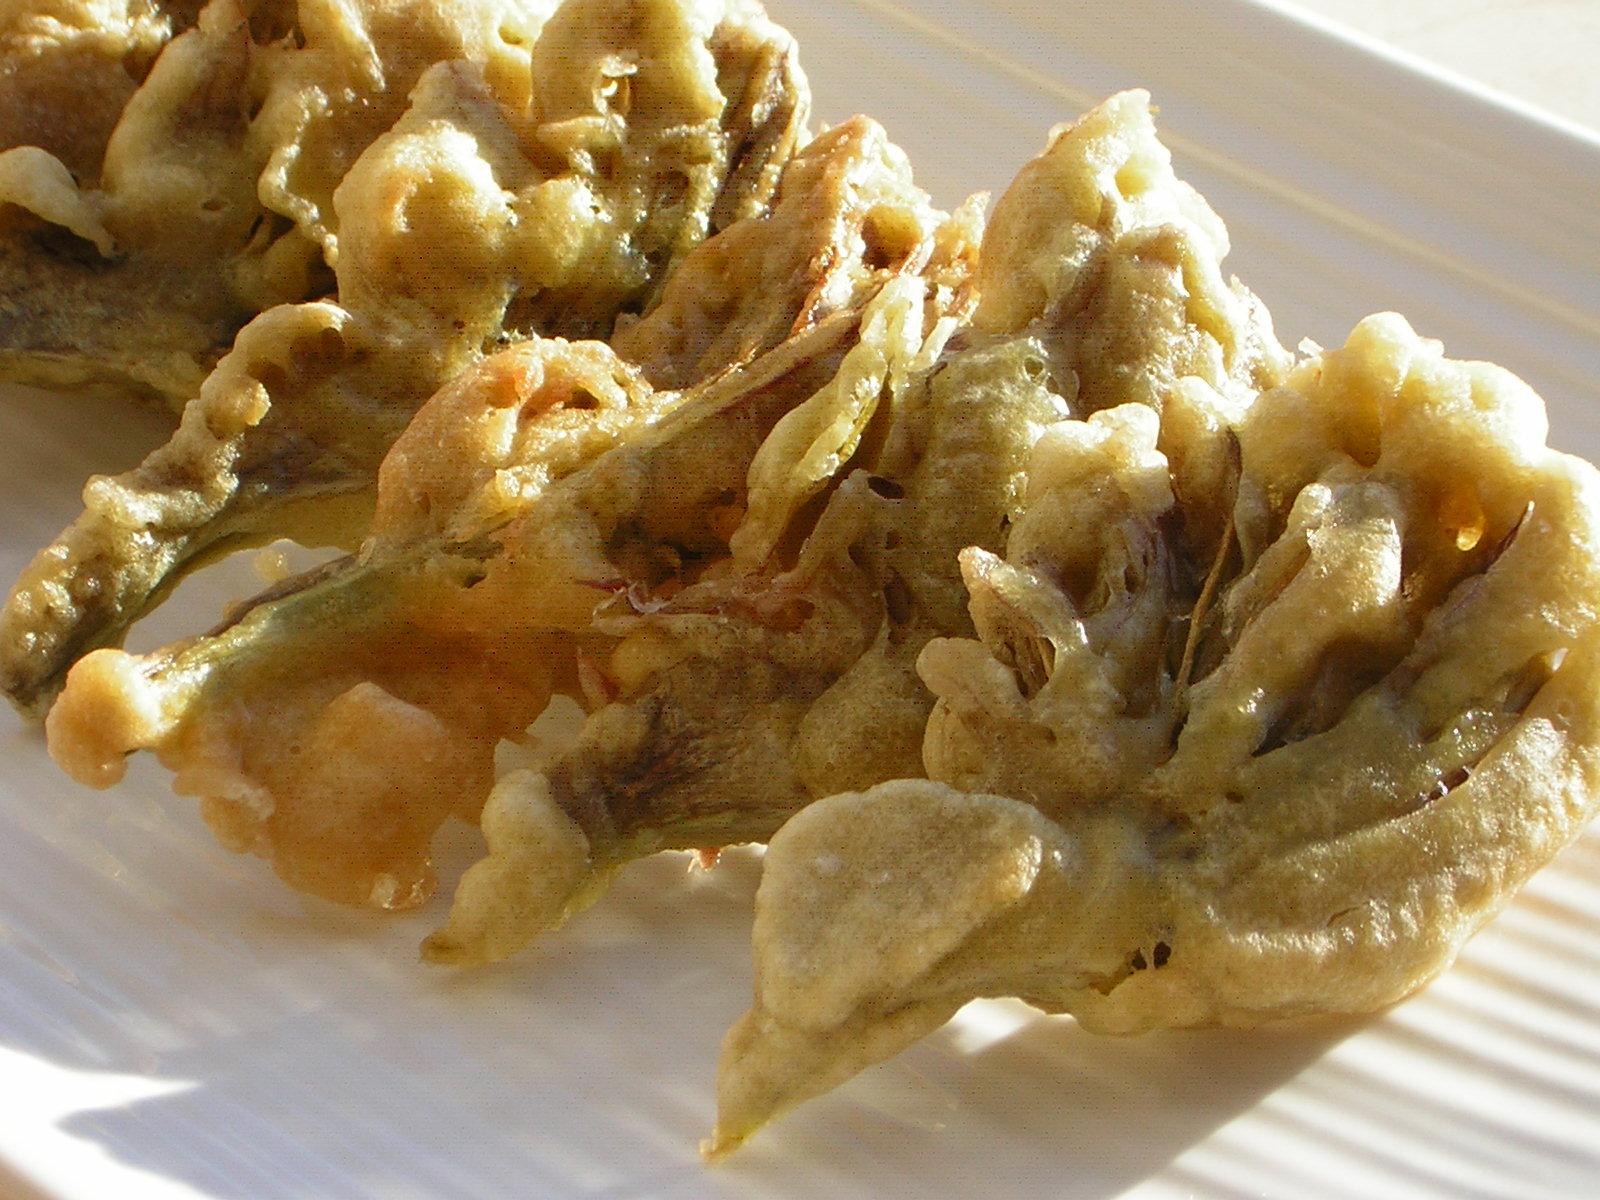 carciofi fritti con pastella